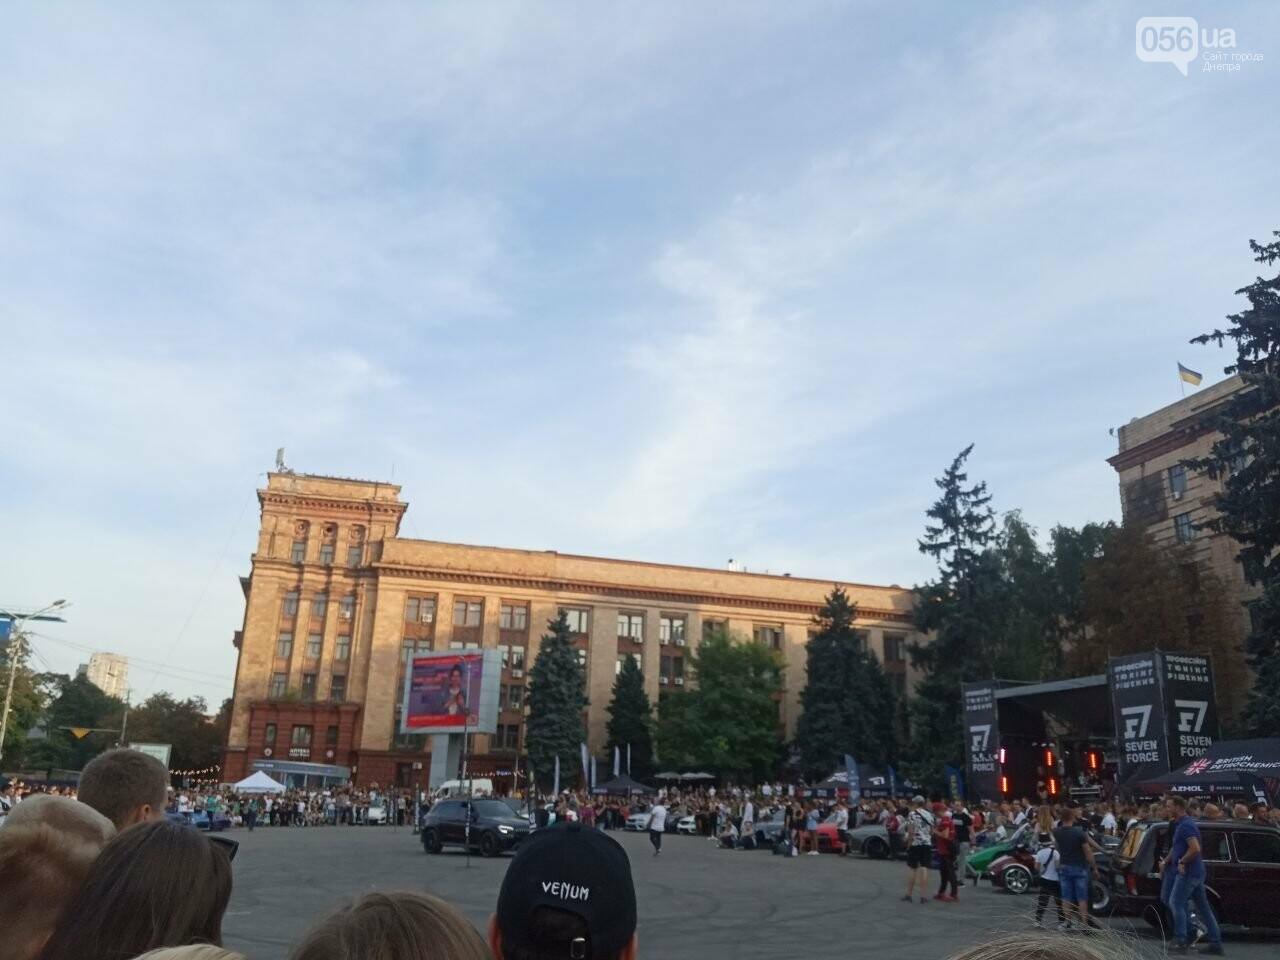 Дрифт в центре Киева спровоцировал скандал, а для Днепра стал шоу с жирными следами, - ФОТО, фото-7